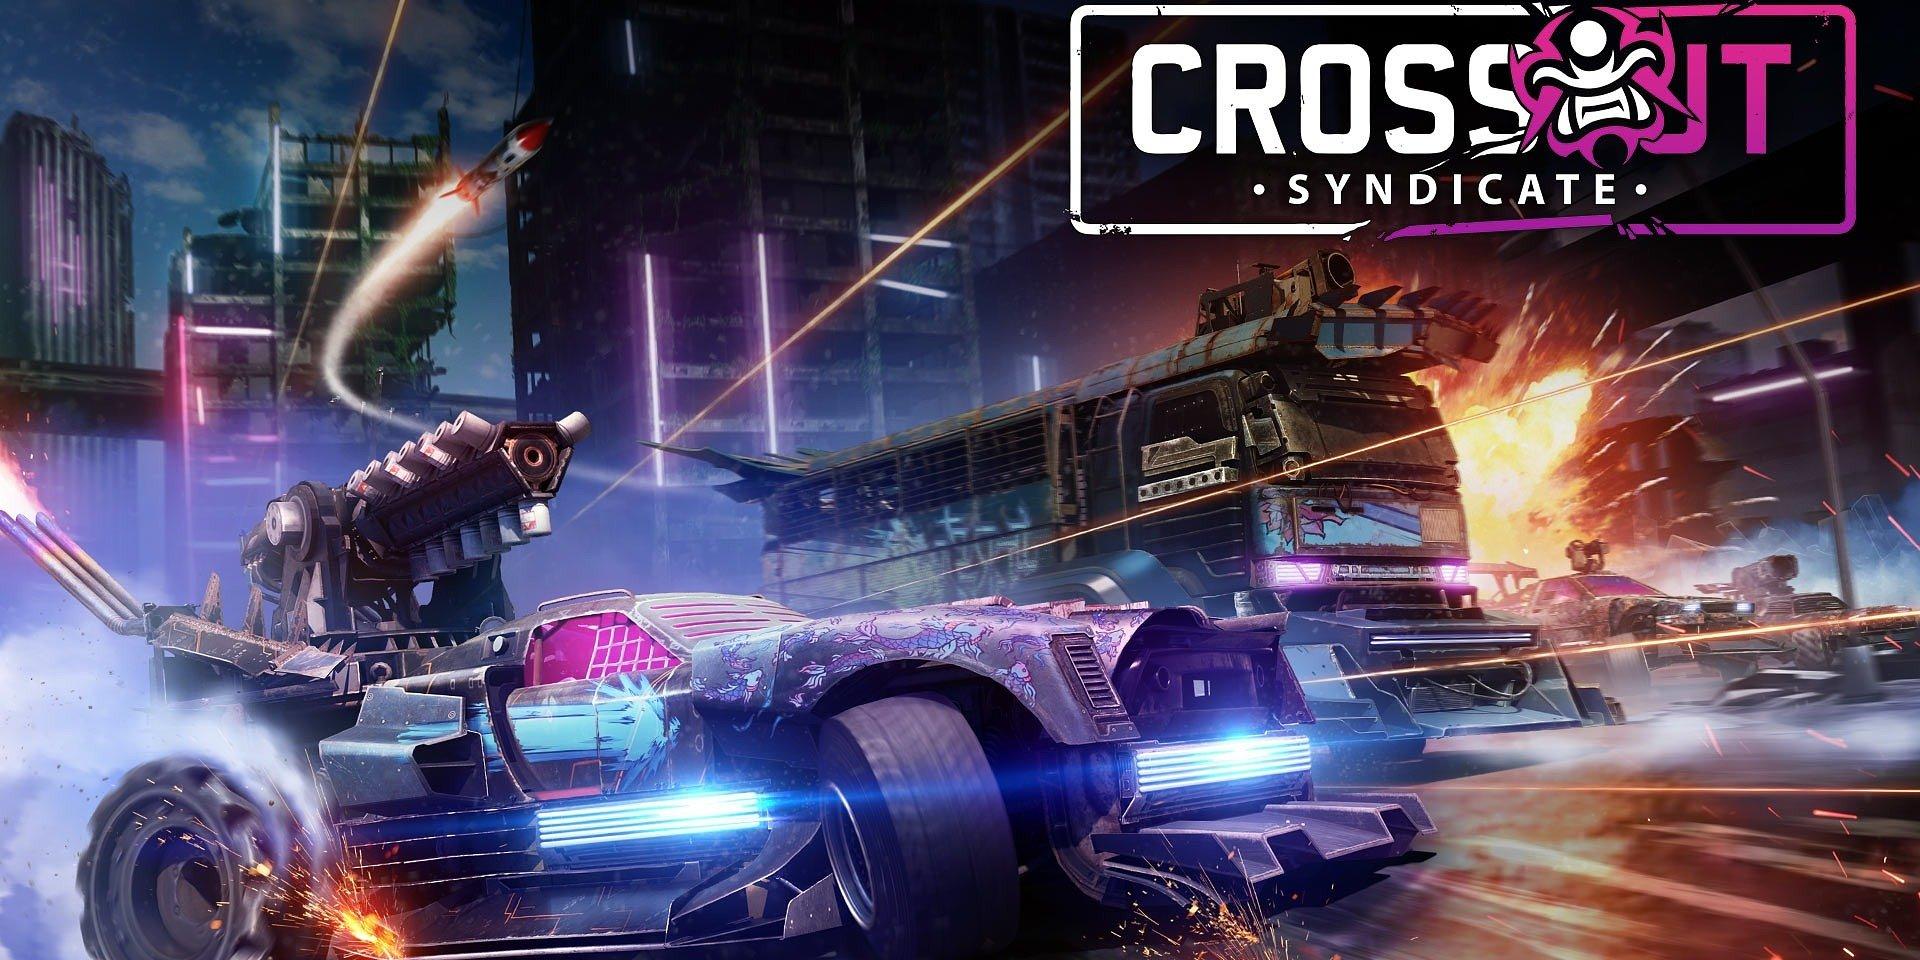 Cyberpunk páncélos autók belépnek a Crossout poszt-apokaliptikus világába